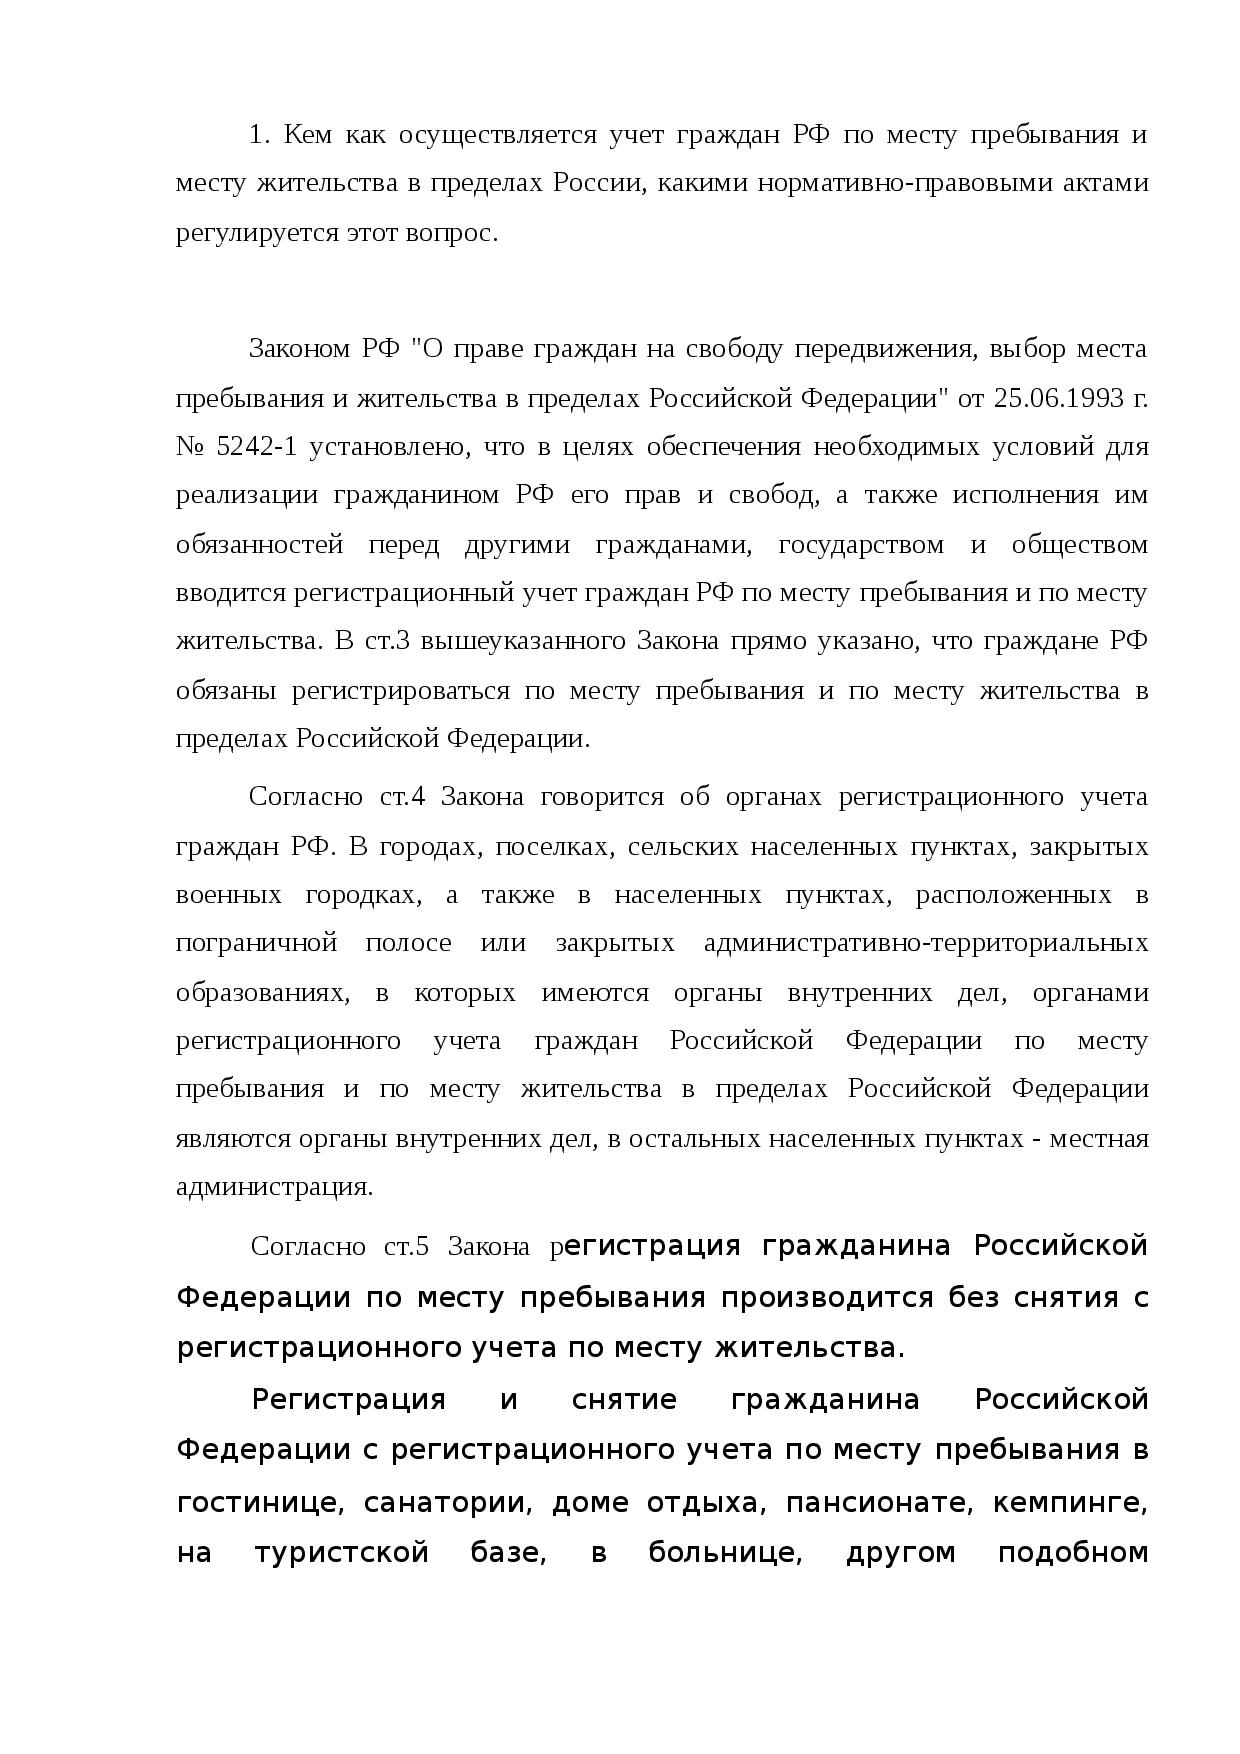 Регистрация по месту жительства для граждан рф — порядок действий